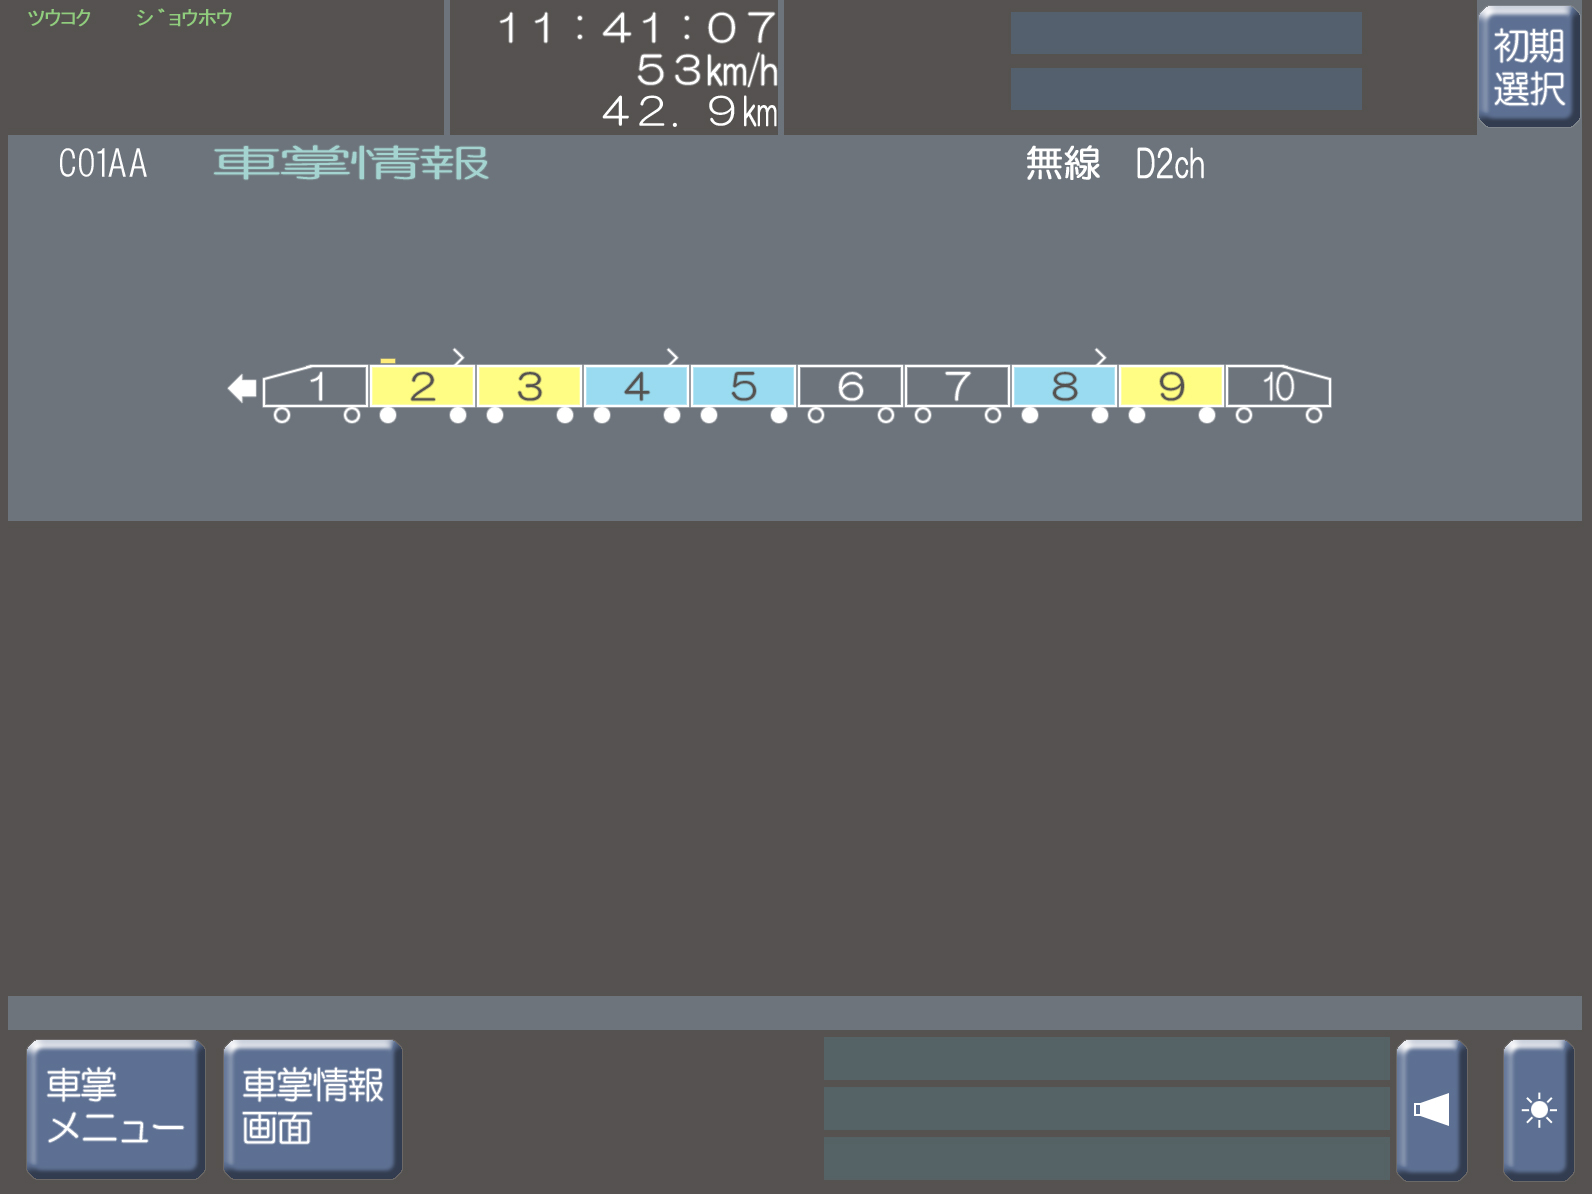 20120130 [右側のモニター ボタンラベル修正その他]_e0059852_234010.jpg